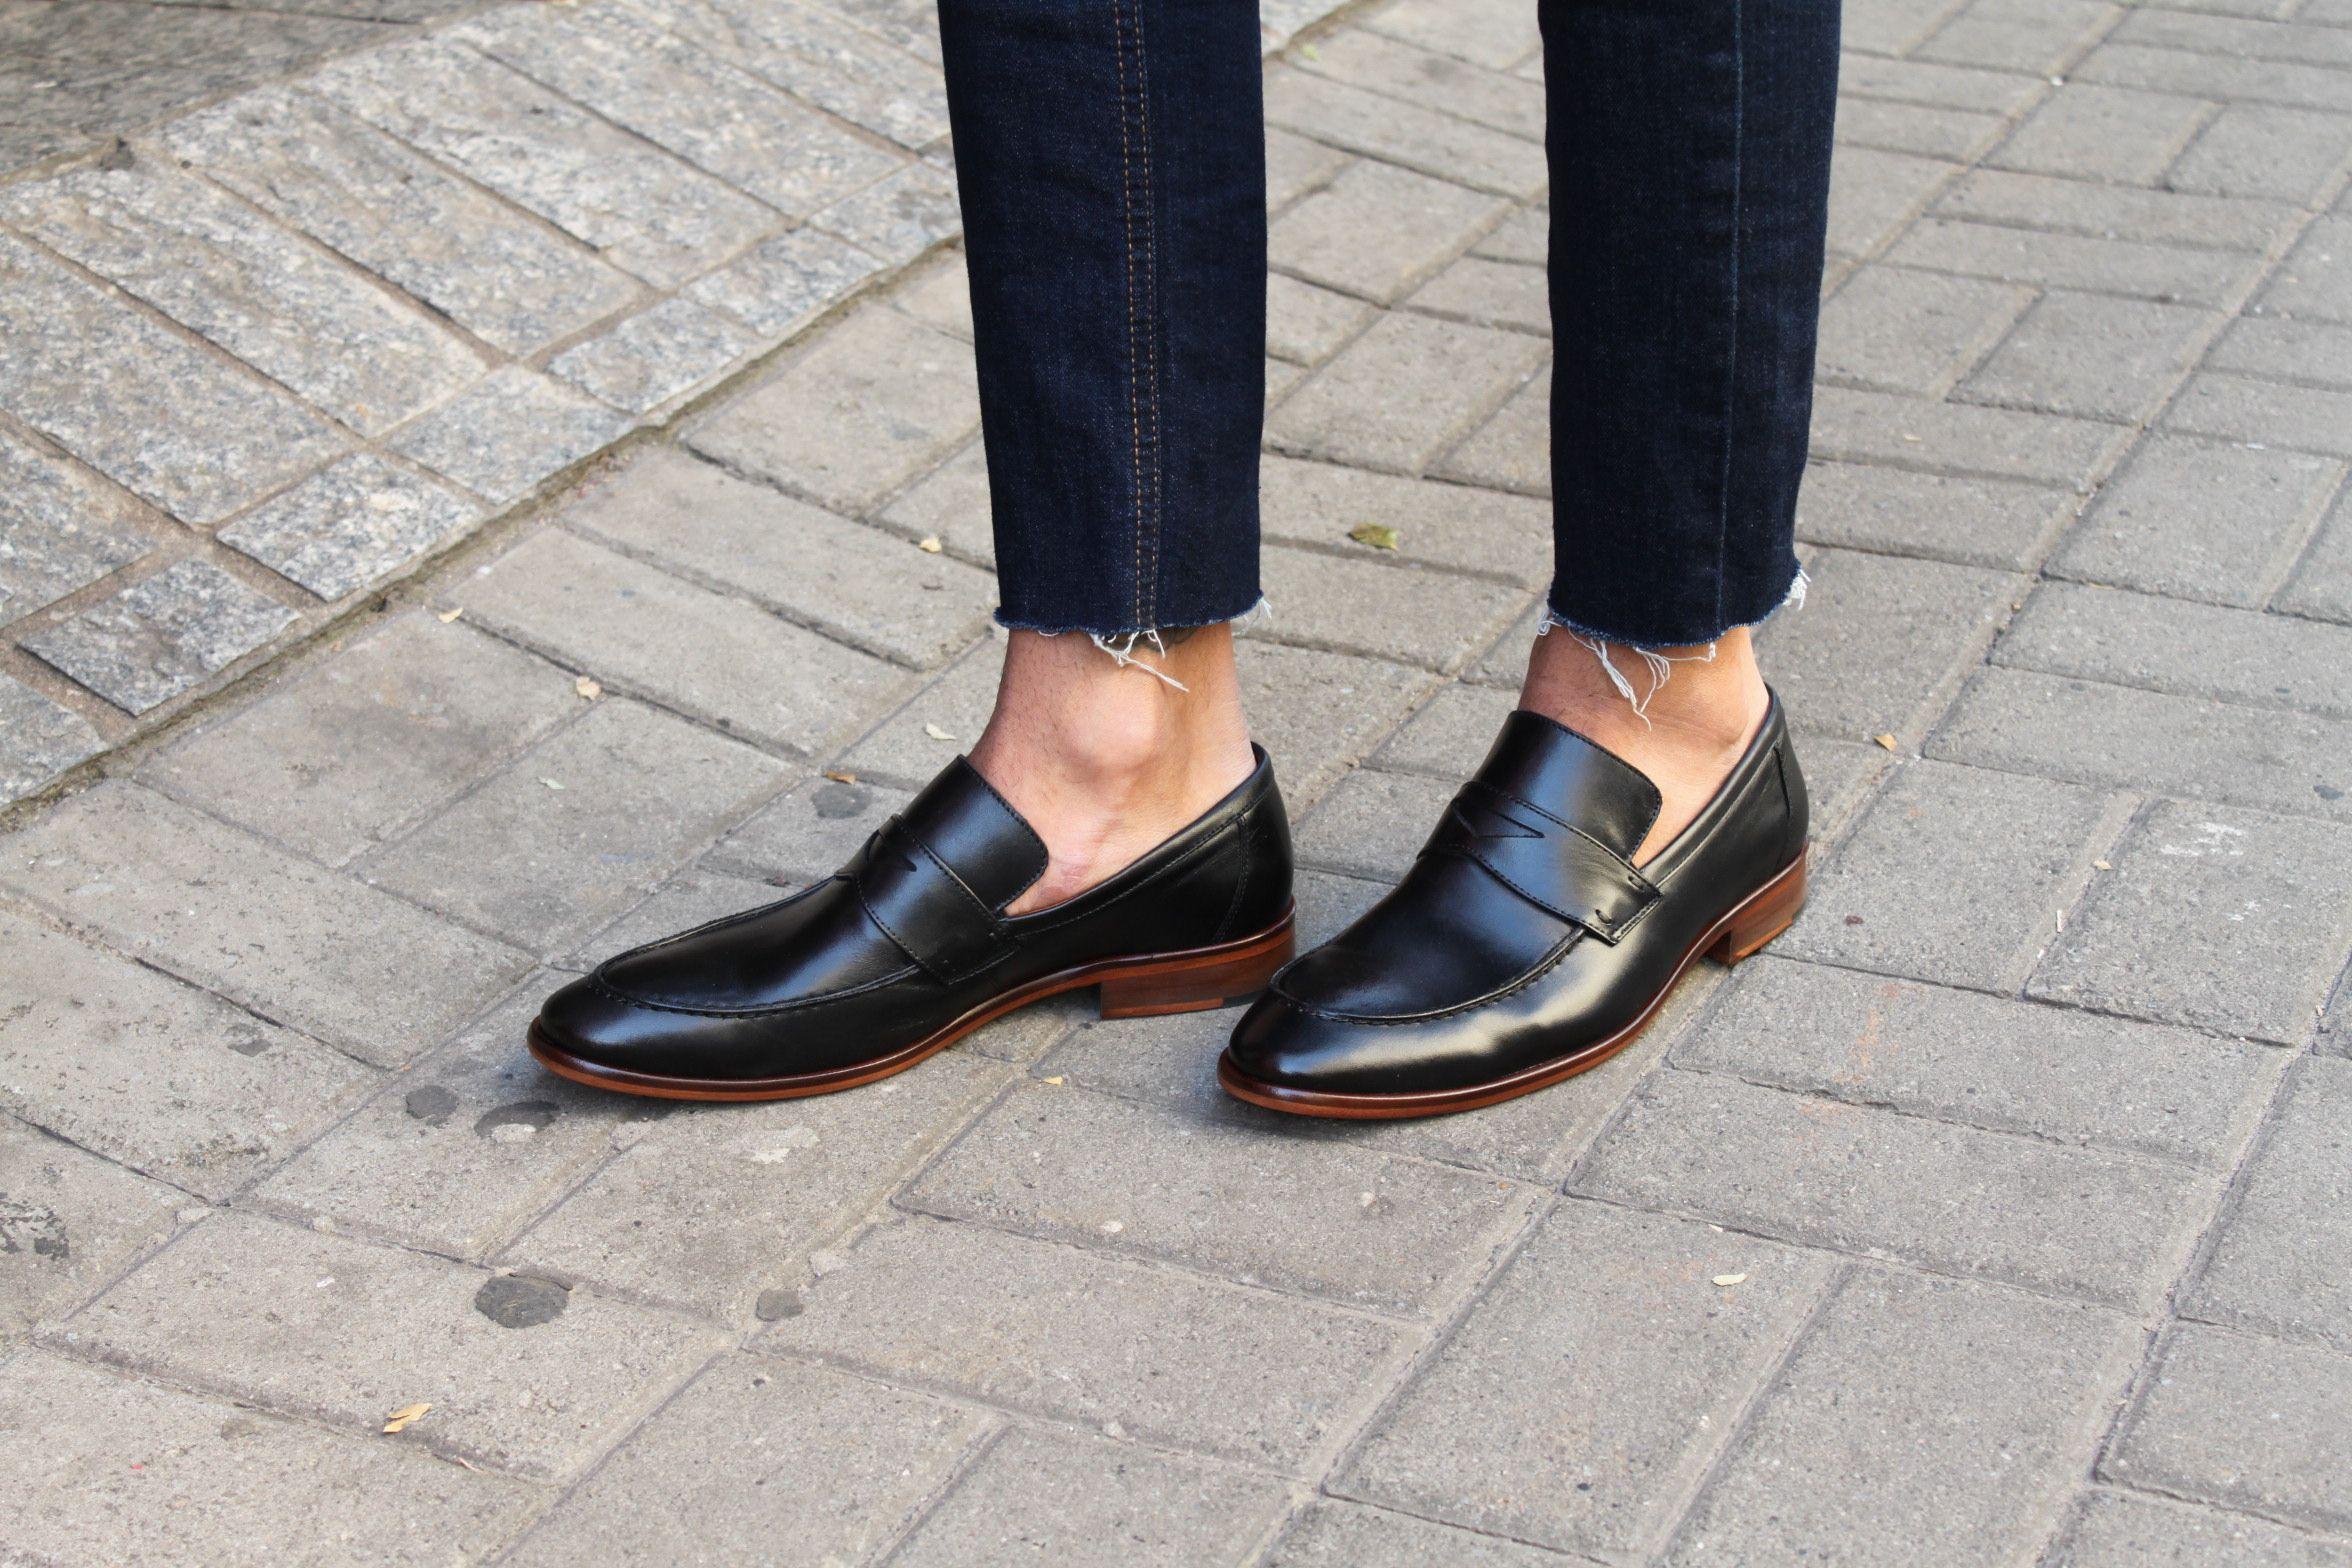 56963f23e4 Sapato Masculino Loafer CNS Jack em couro cor Preto com sola de couro e  forro de couro.  cns  cnsmais  masculina  loafer  mocassim  couro  leather   shoes   ...